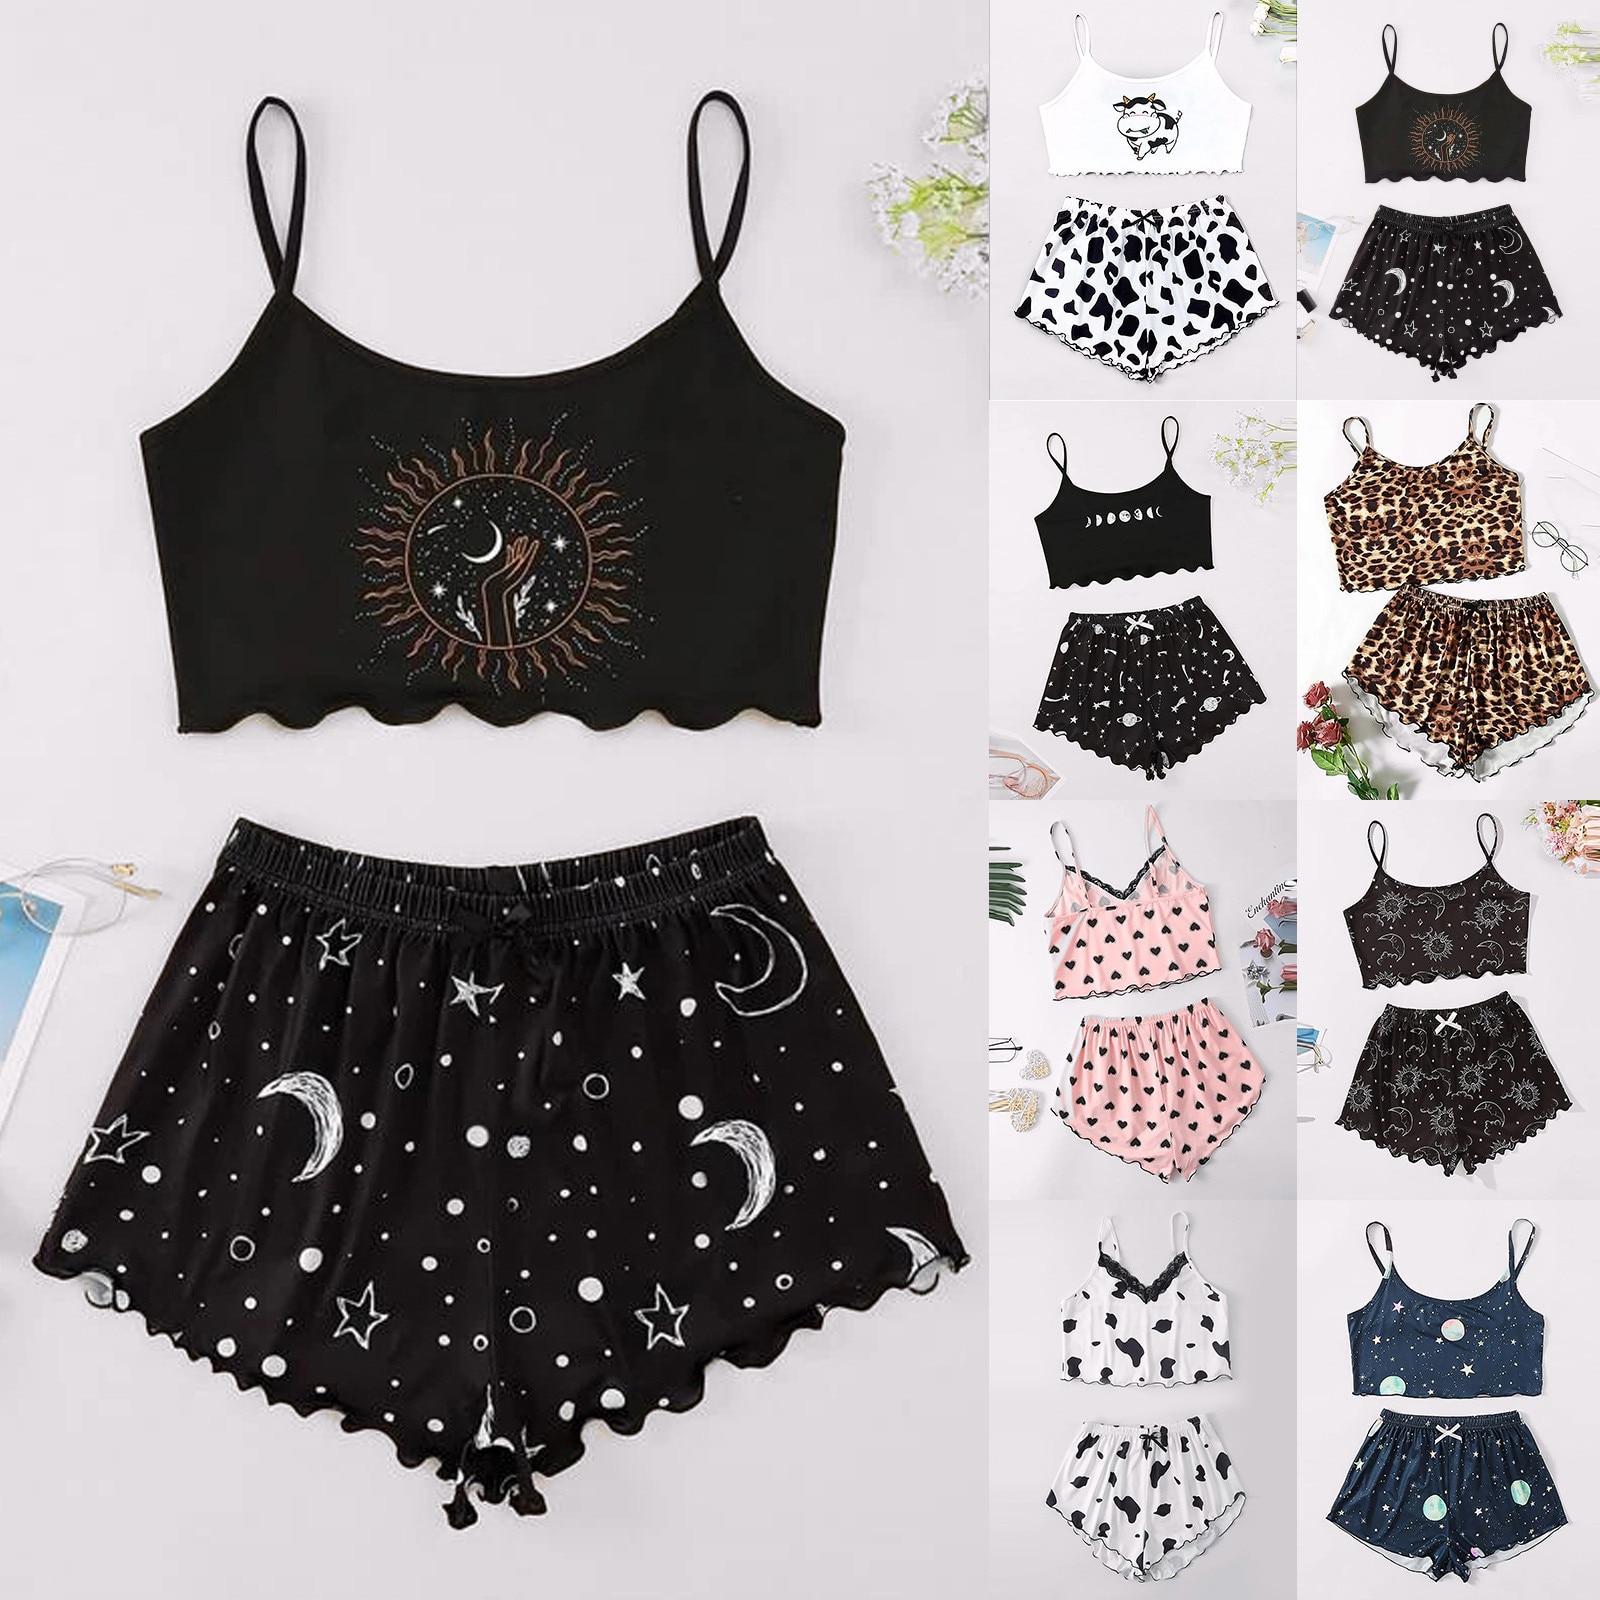 Moon Print Pajama Sets Women Fashion Sets Wear Lounge Wear Home Sleep Set Camisole Tops+Pants Ramada